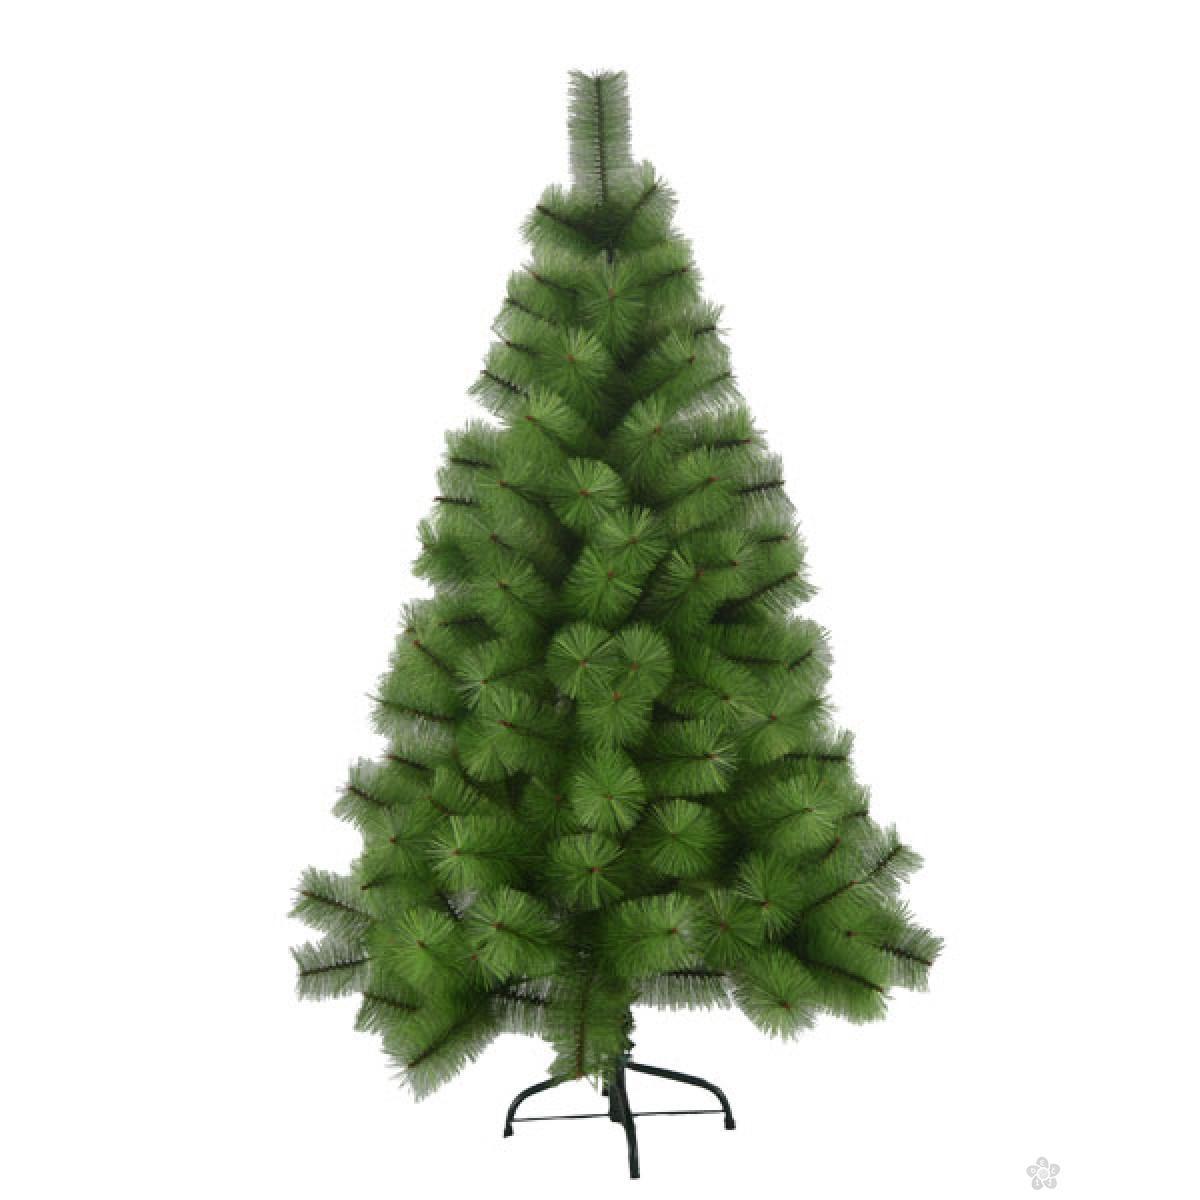 Jelka Tamno/Svetlo zelena 150cm 170489